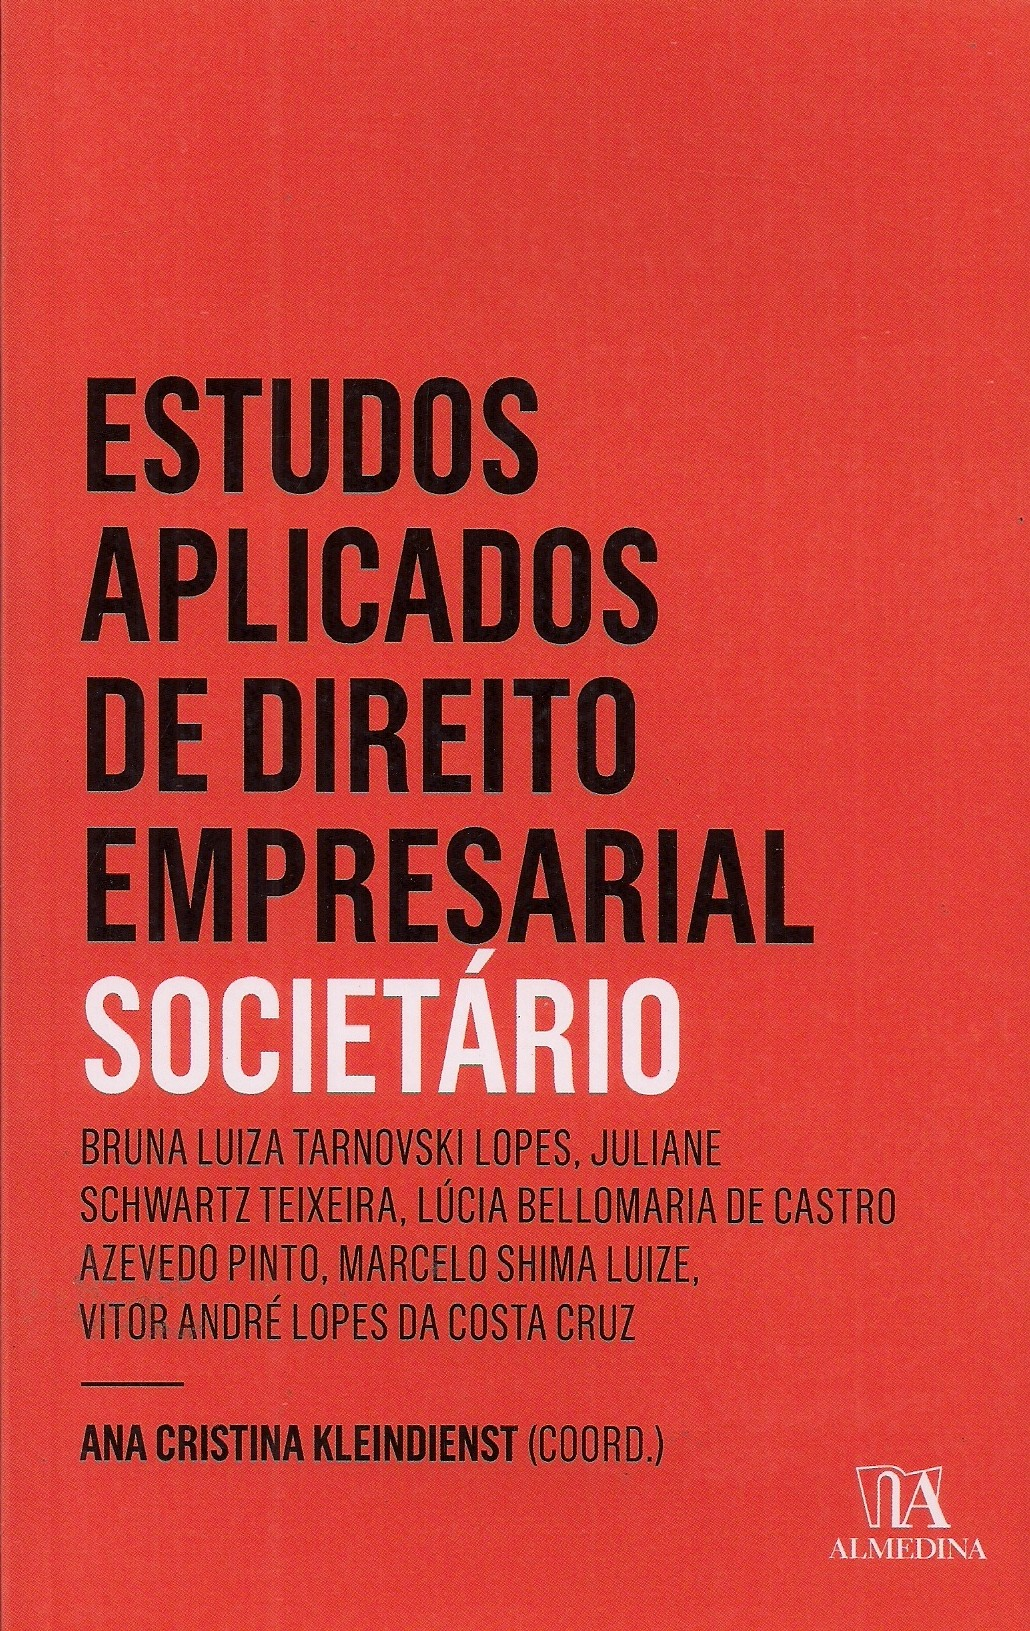 Foto 1 - Estudos Aplicados de Direito Empresarial Societário -Ano 1 - Nº 2